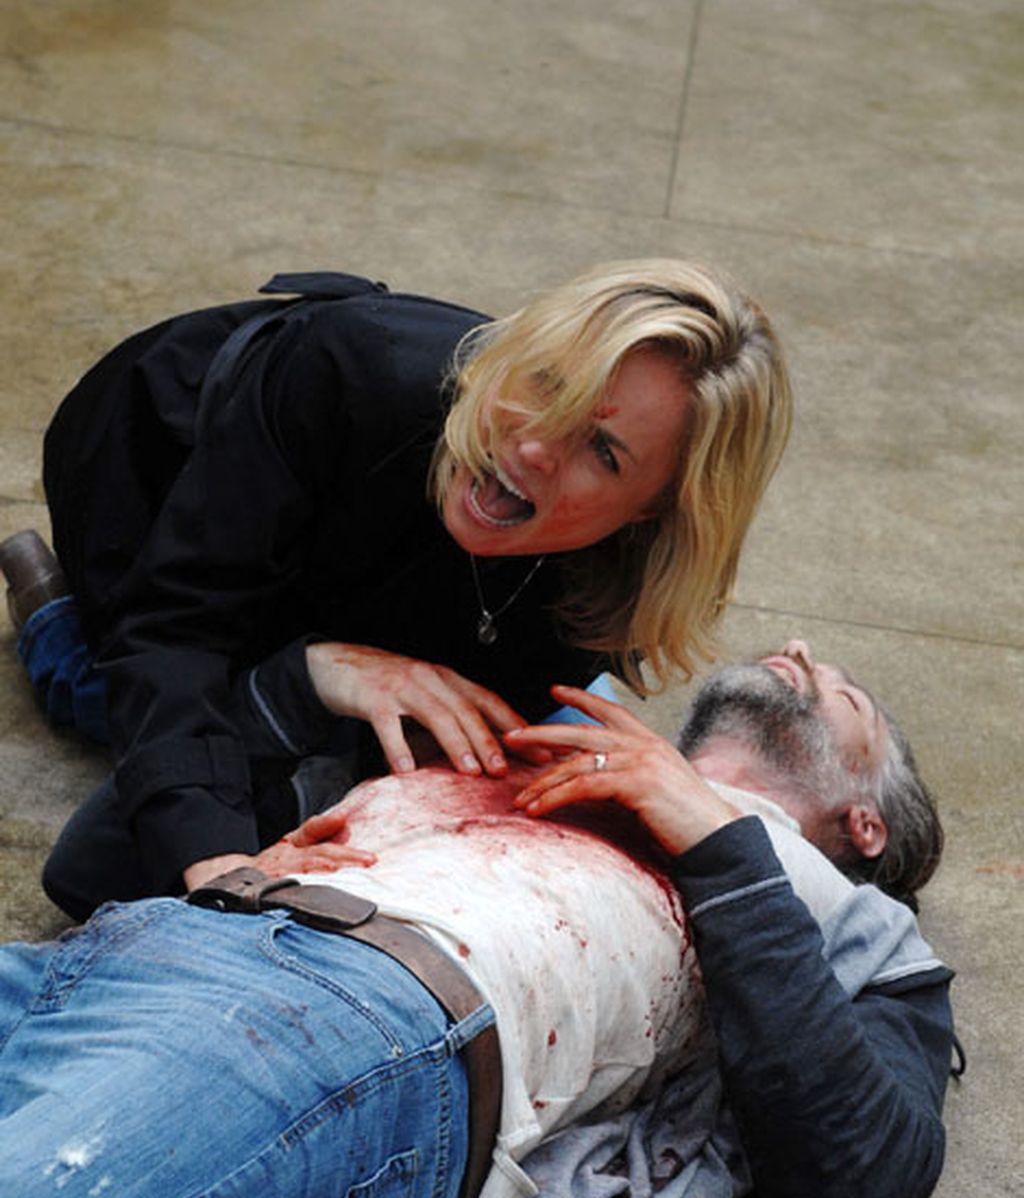 Radha Mitchel ('Melinda y Melinda') protagoniza el drama de intriga producido por Melissa Rosenberg ('Dexter')